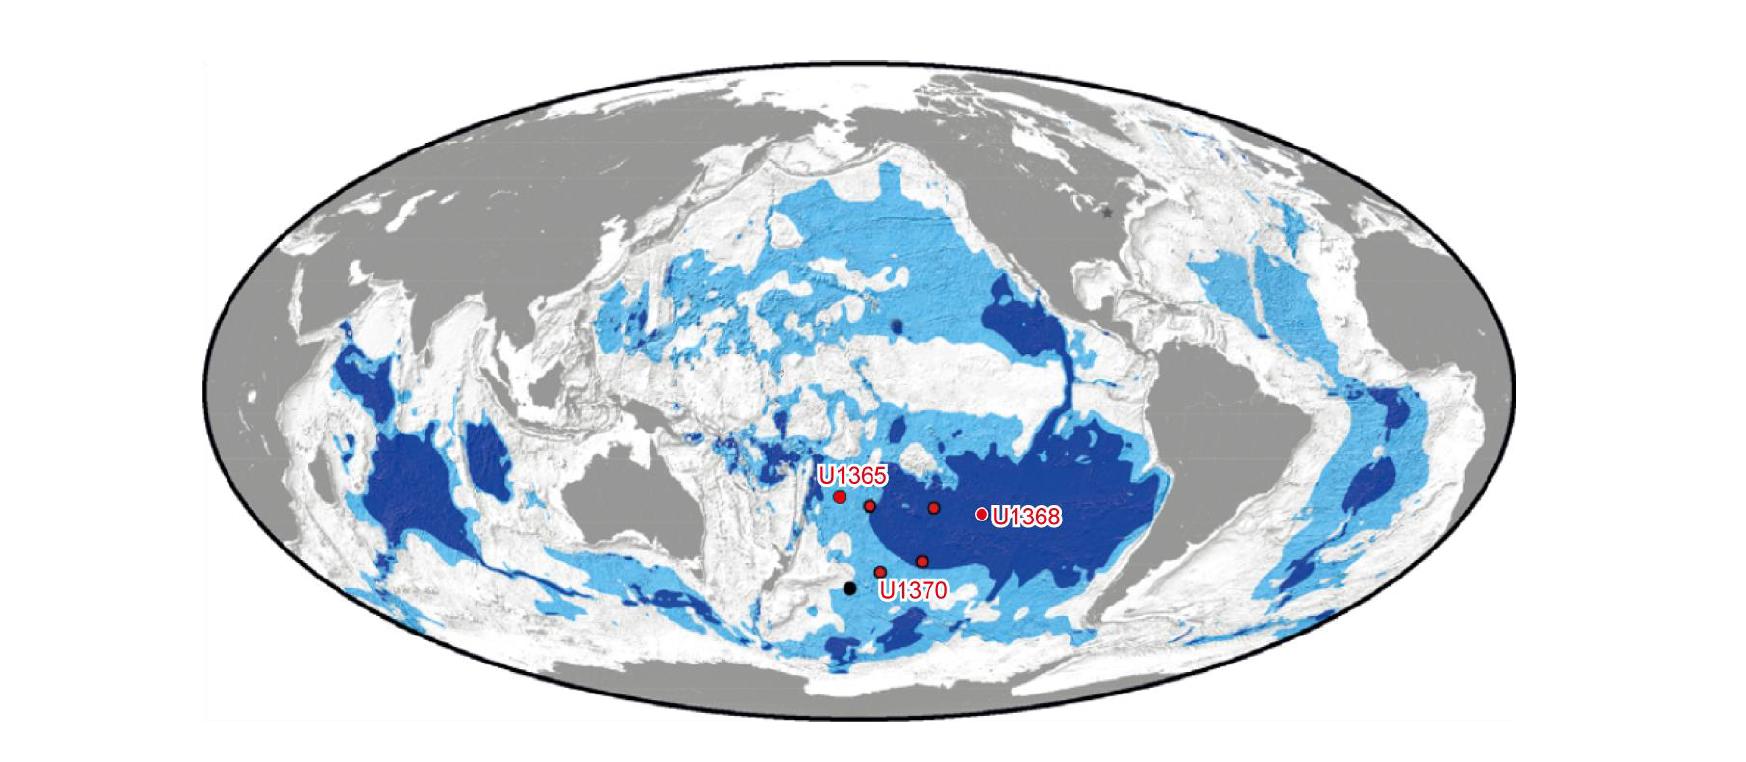 Mapa mostrando os locais de expedição. Crédito: : Y. Morono et al., 2020